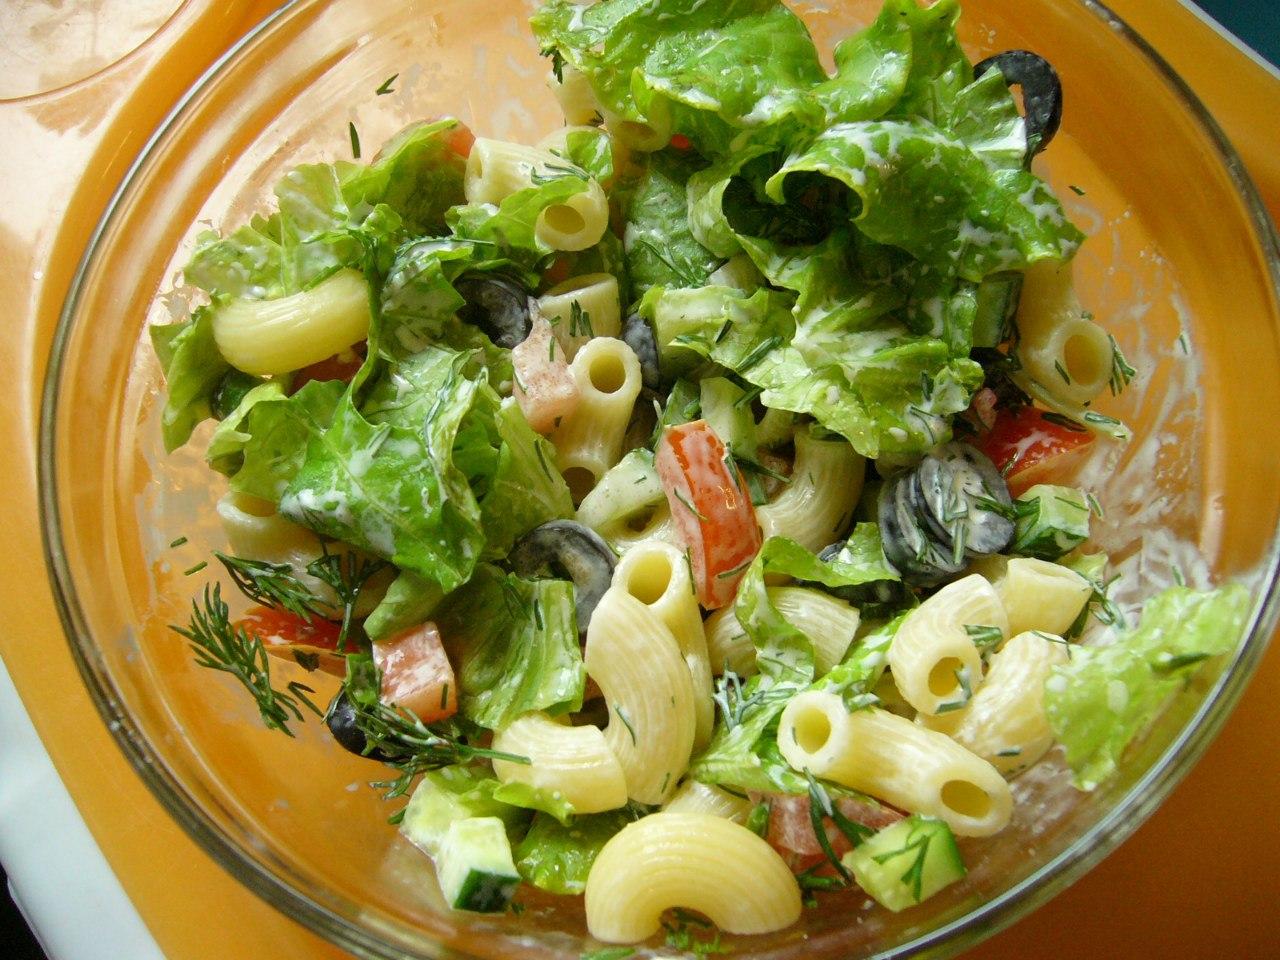 зиме салаты на растительном масле рецепты с фото касается